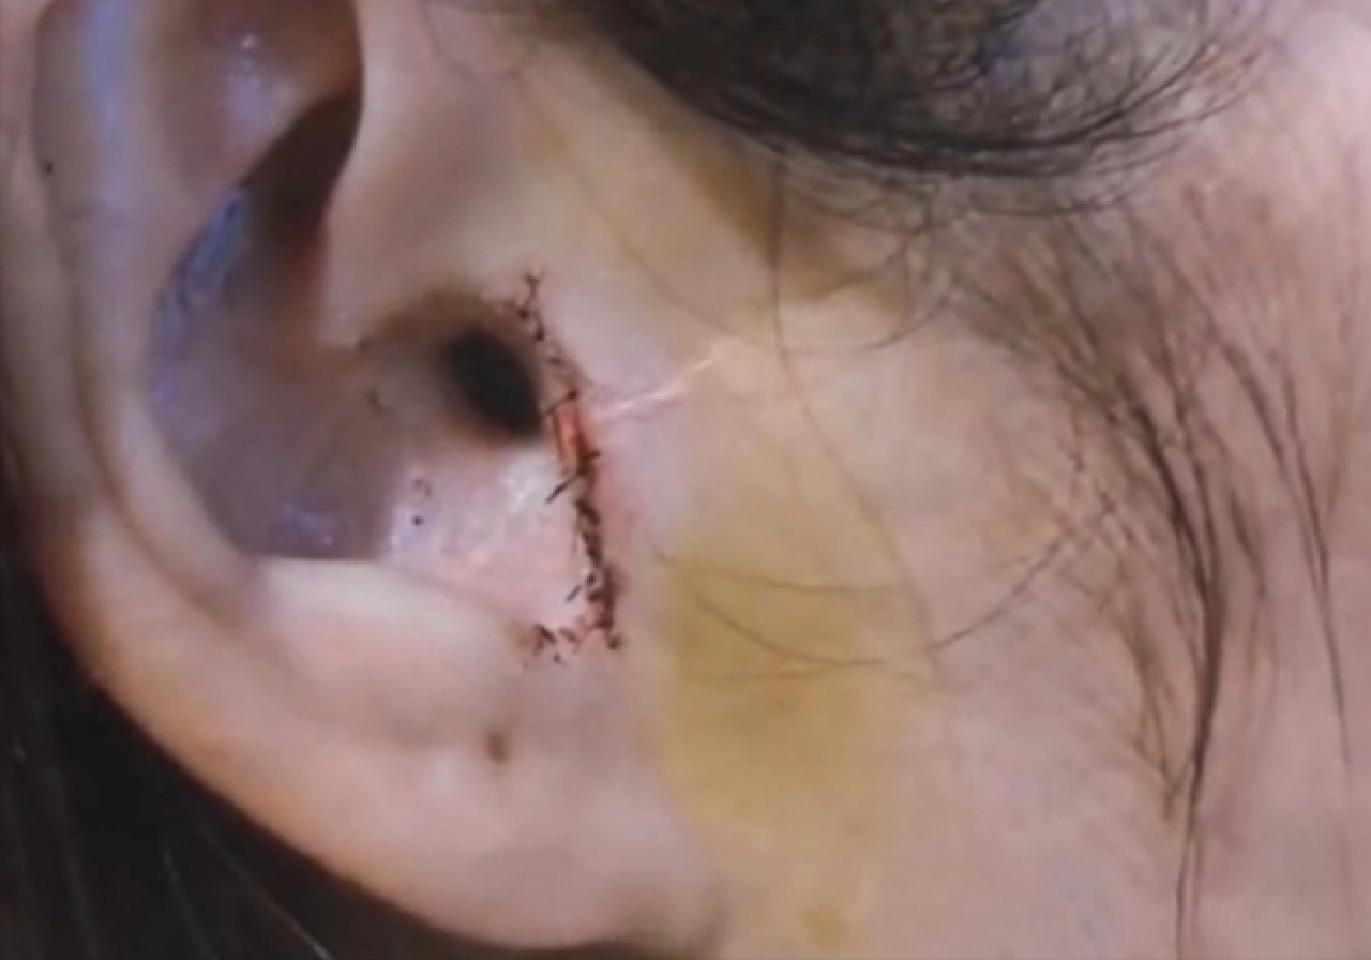 بریدن گوش زن حین عمل بینی